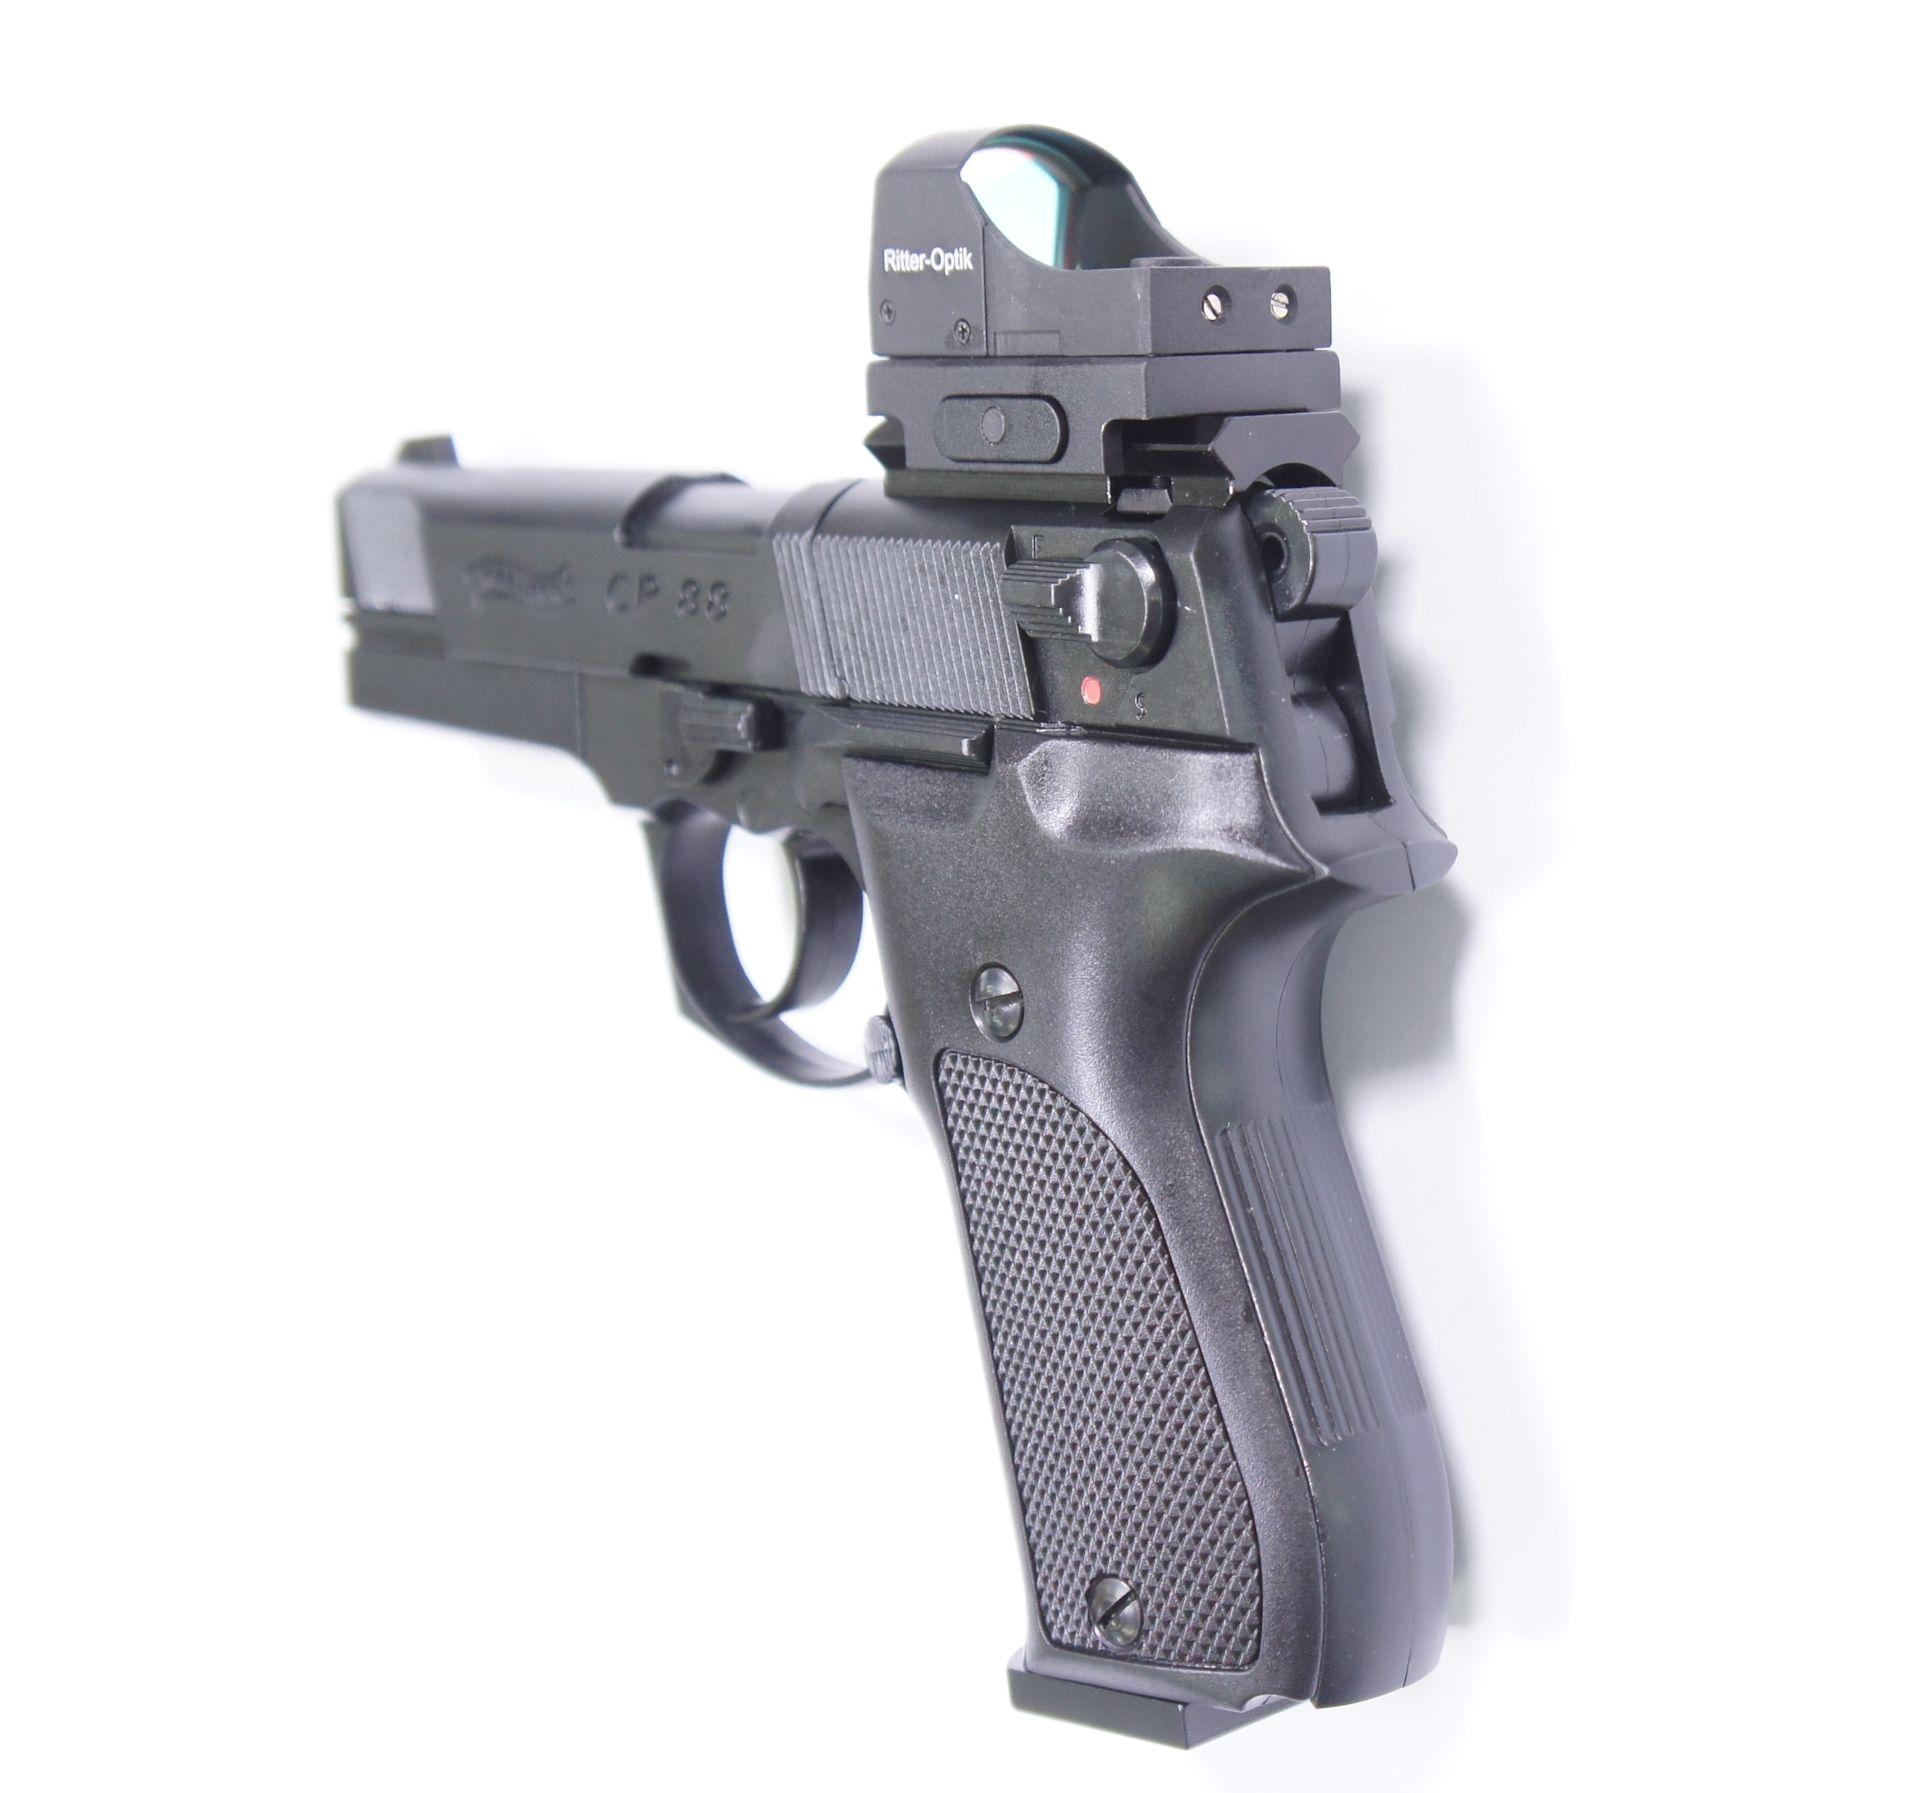 Montagebeispiel von diesem Reflexvisier auf  <a href=1050061.htm> CO2 Pistole Walther CP88 schwarz, 4 Zoll</a> mittels Waeverschiene aus Eigenproduktion